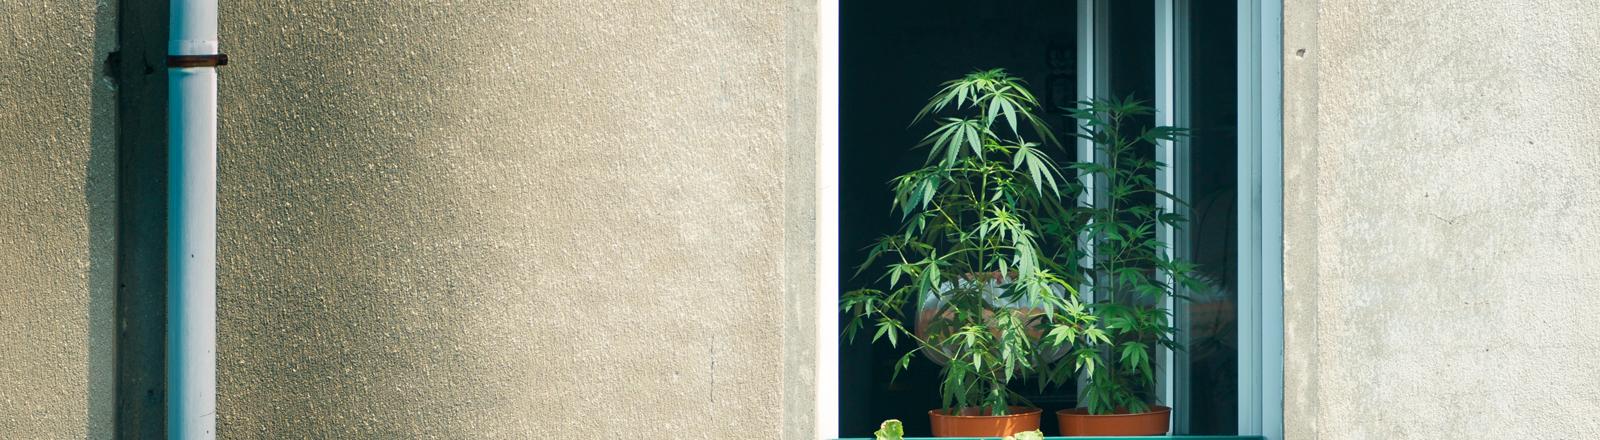 Ein Fenstersims auf dem zwei Hanfpflanzen stehen.